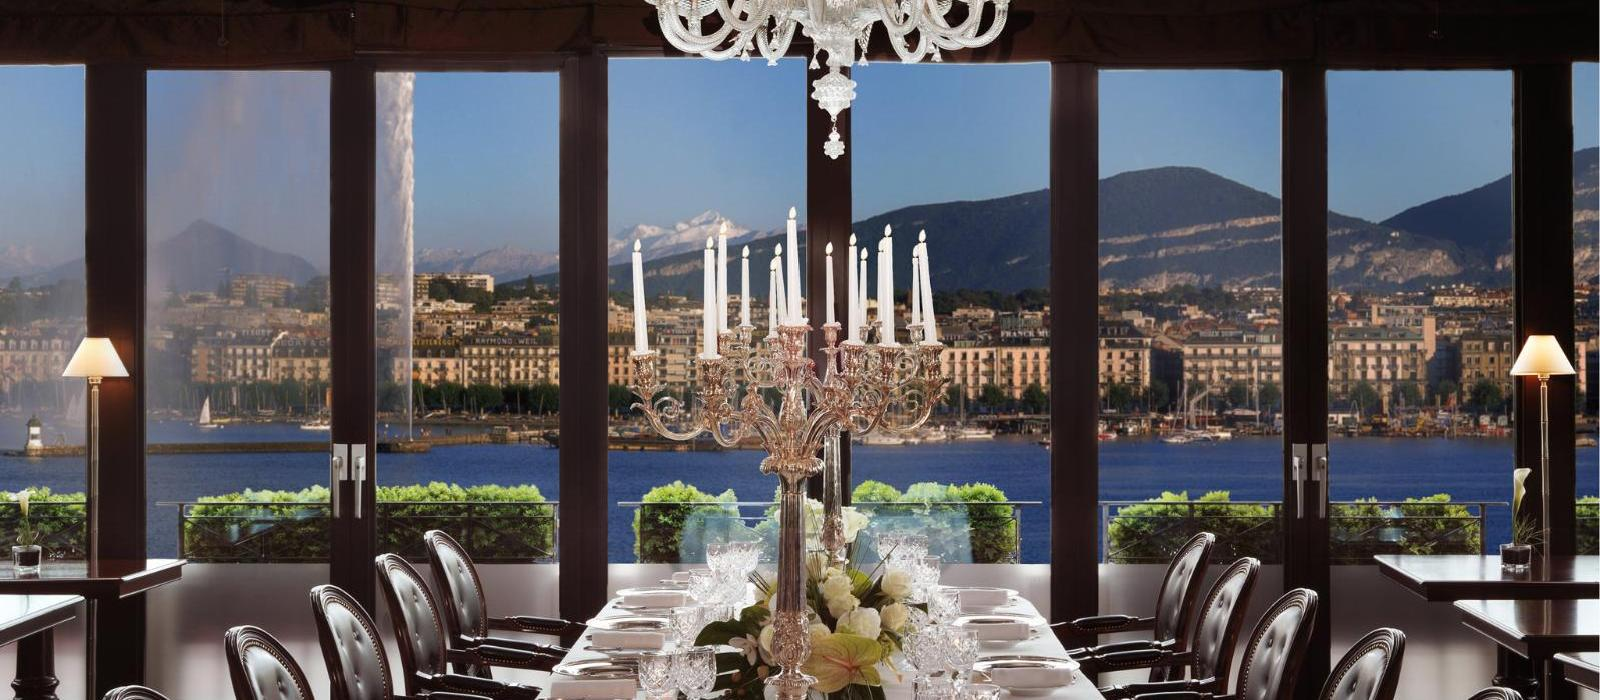 日内瓦彤格乐湖景酒店(Hotel d'Angleterre, Geneva) l'Observatoire餐厅图片  www.lhw.cn